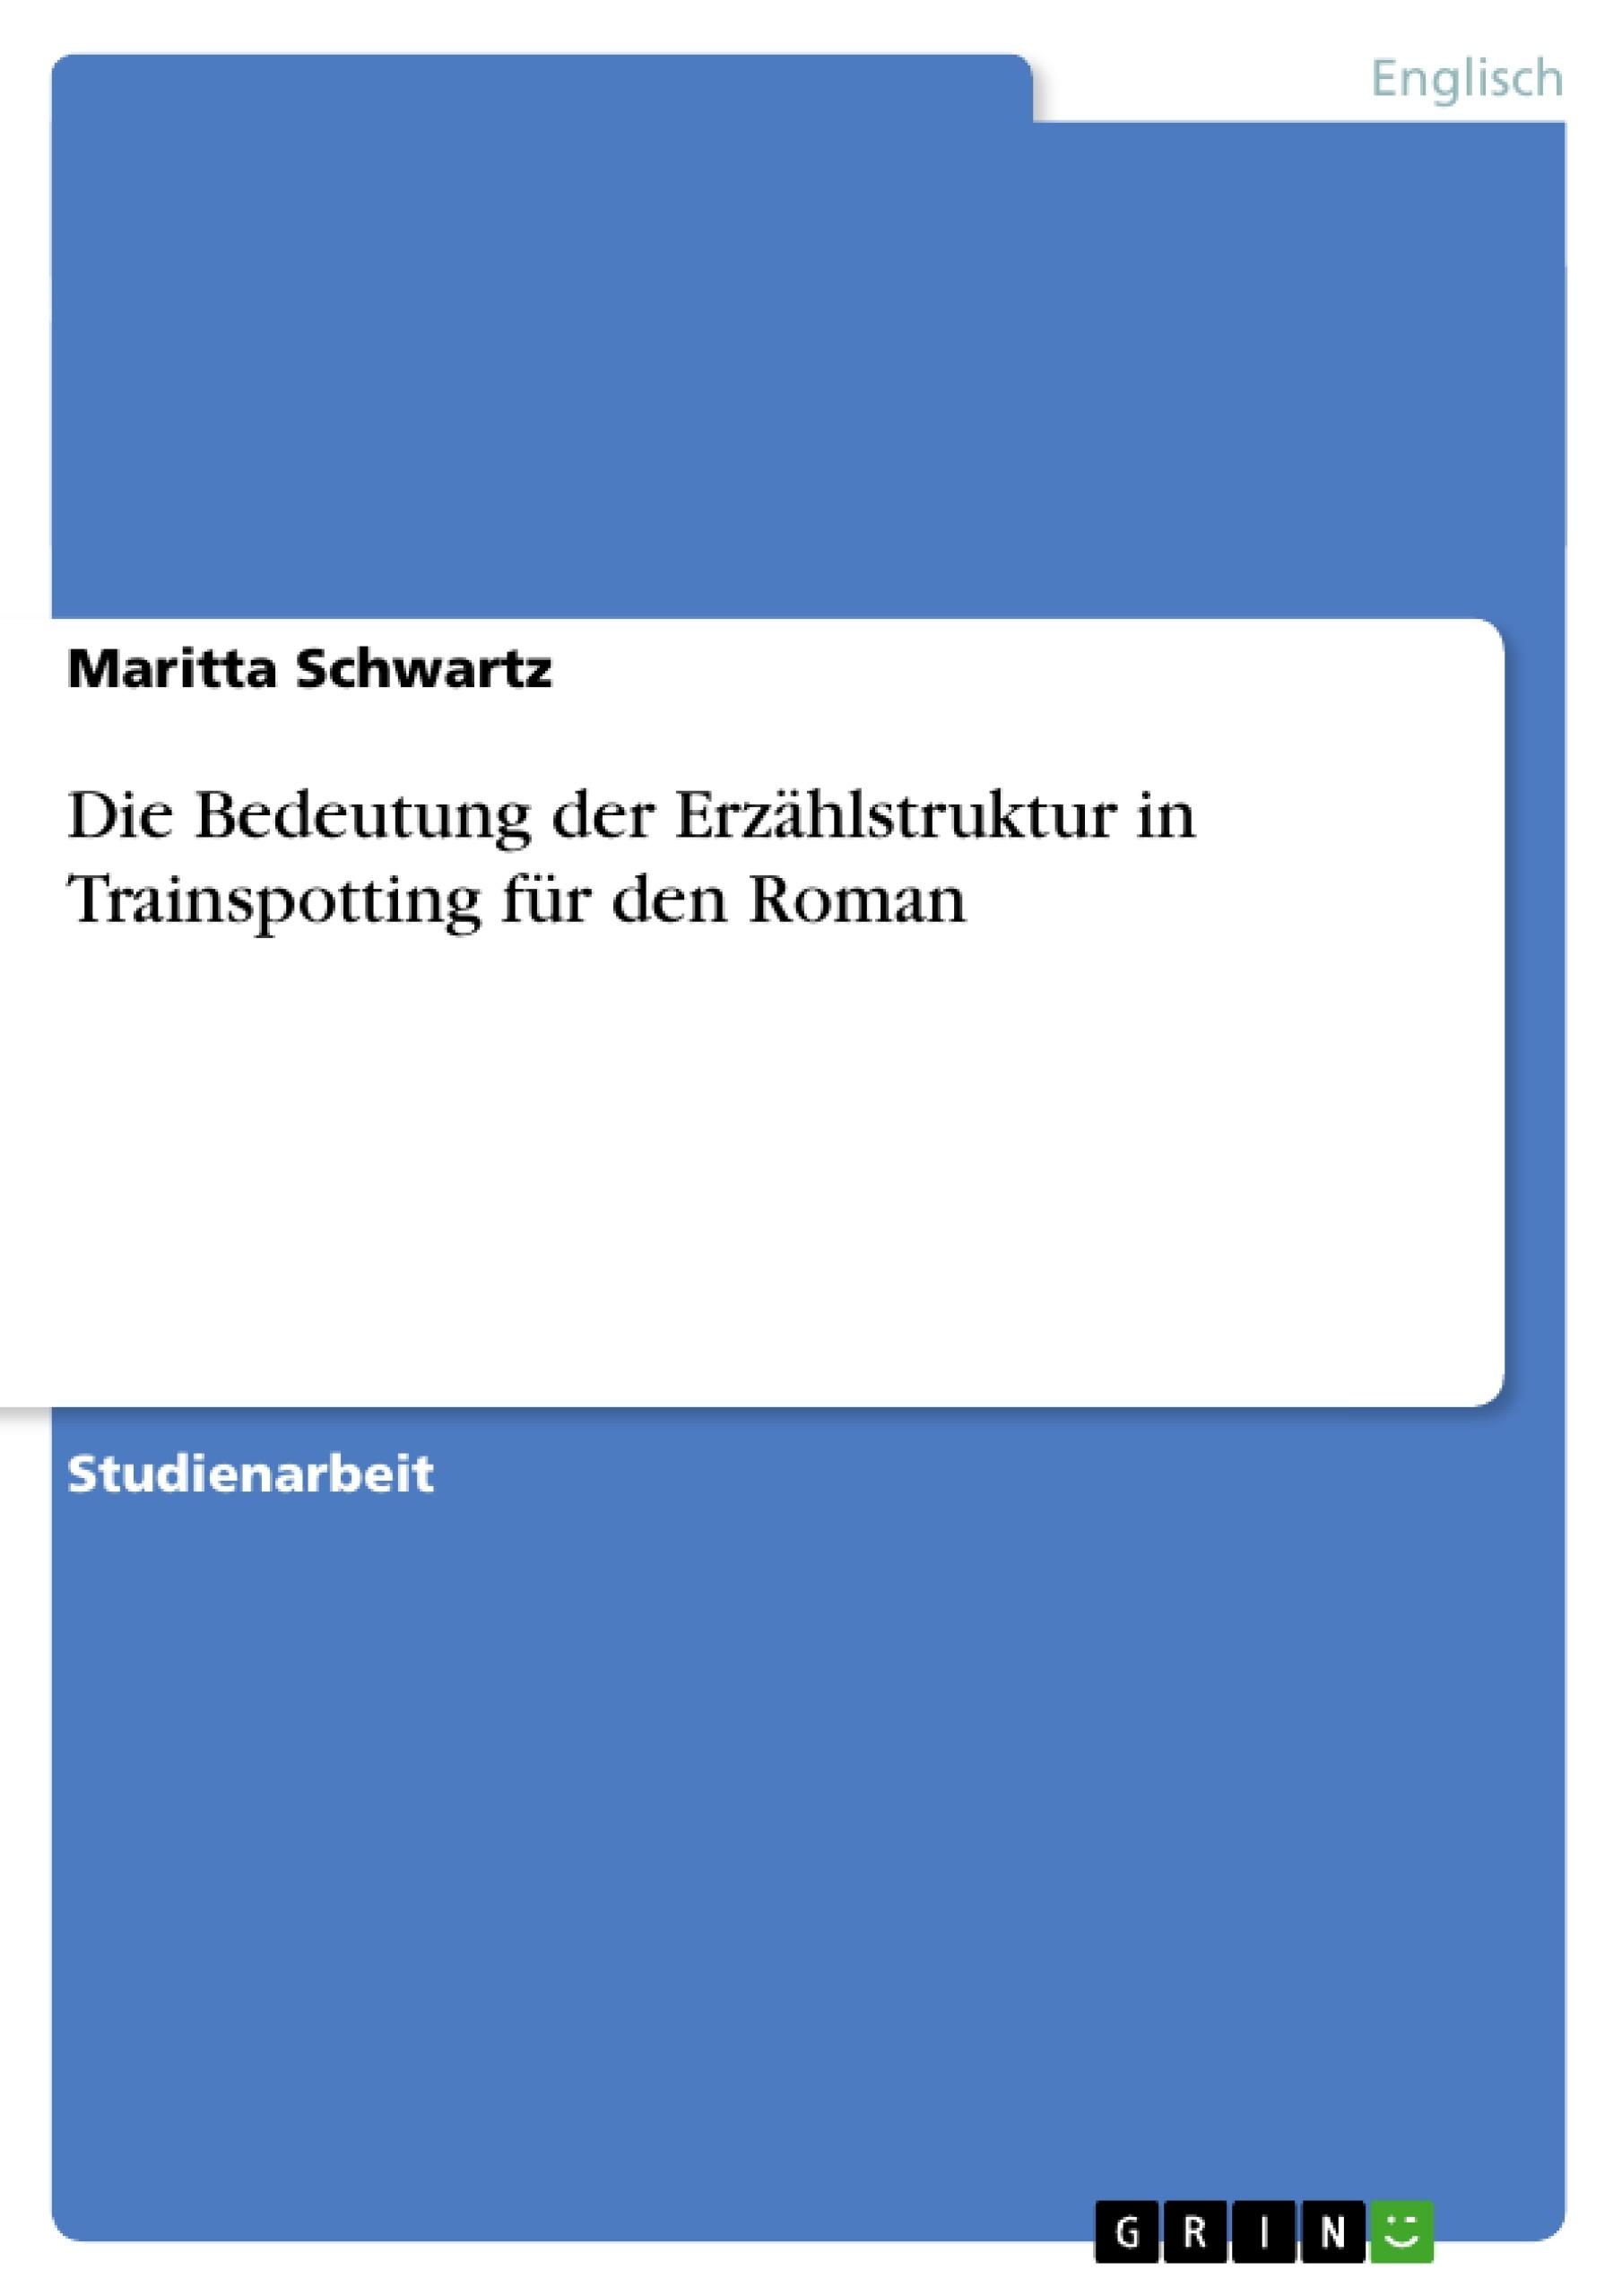 Titel: Die Bedeutung der Erzählstruktur in Trainspotting für den Roman